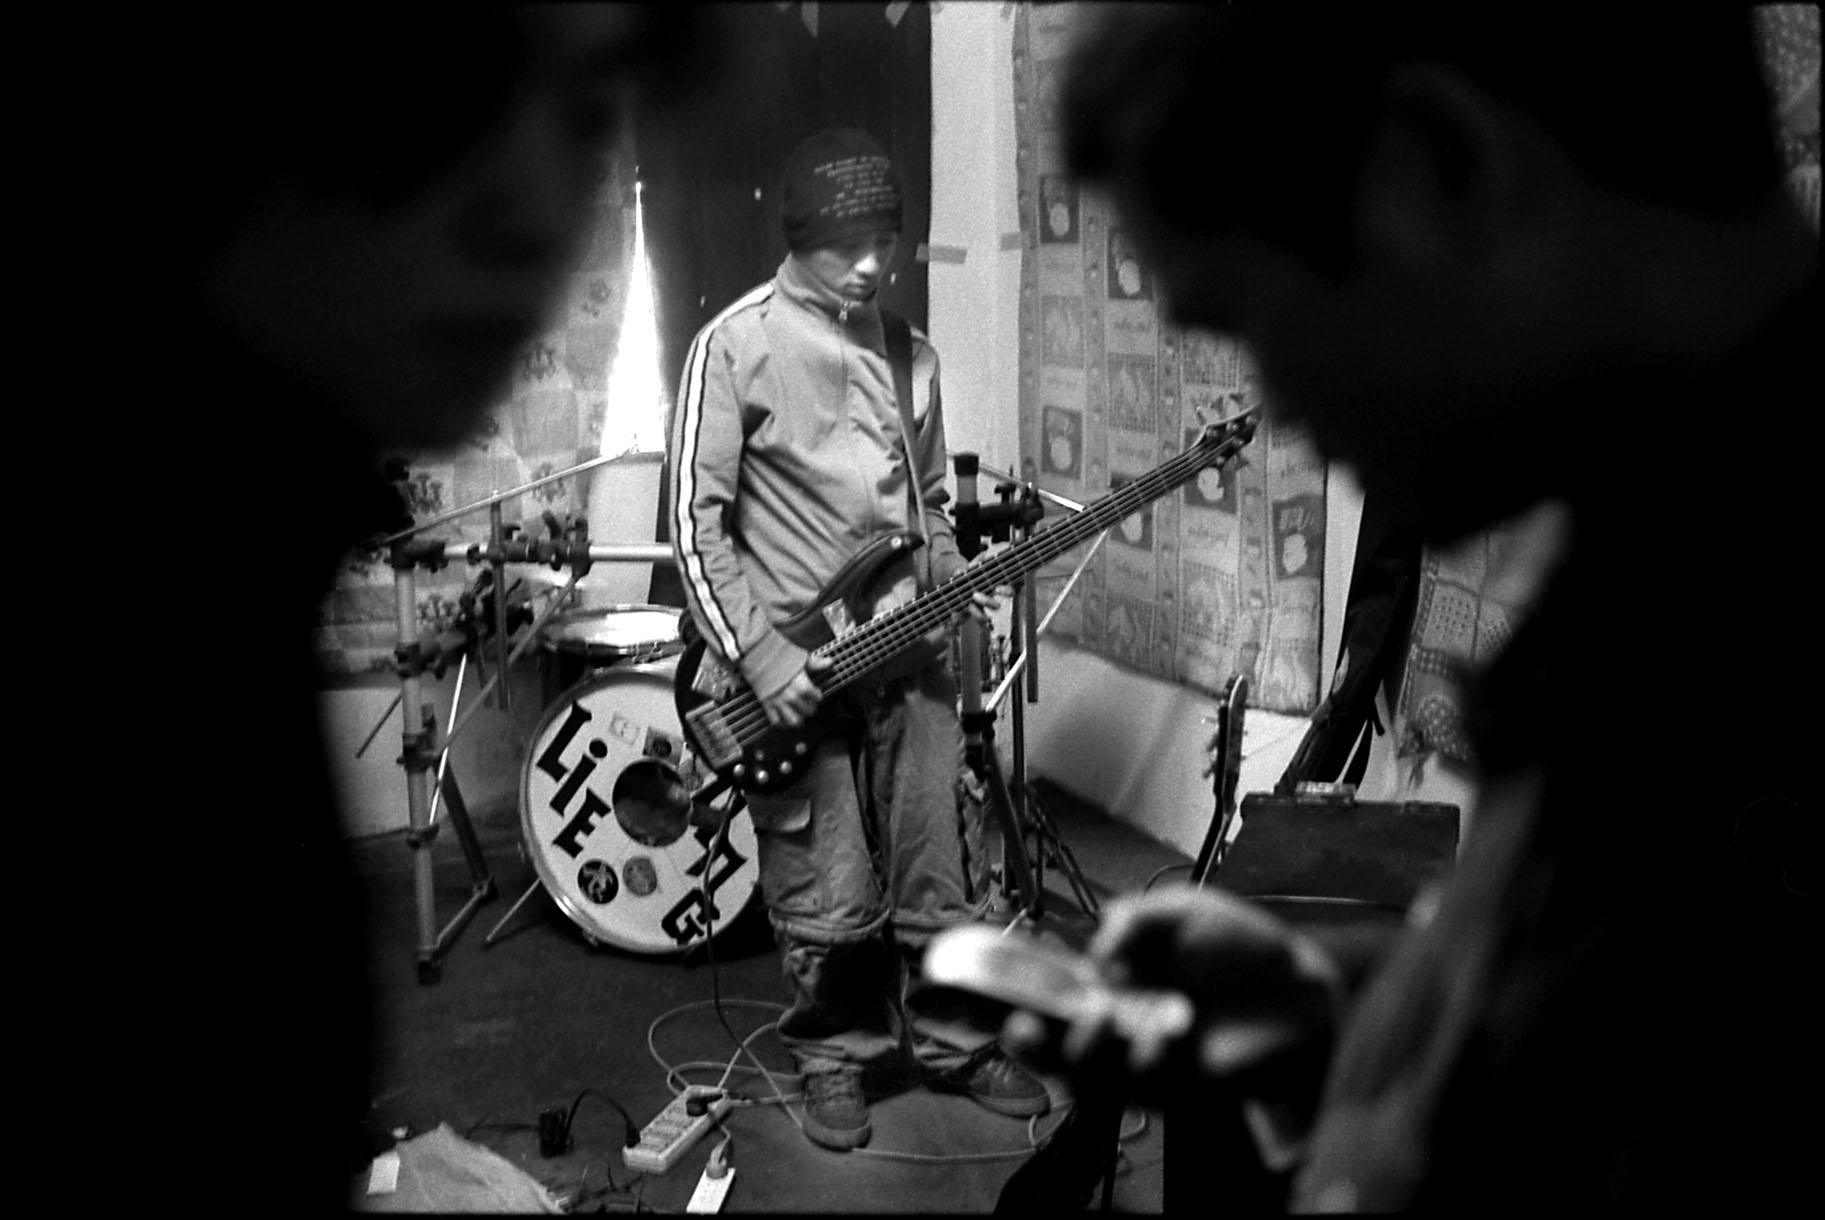 Le village de rockers de Huoying